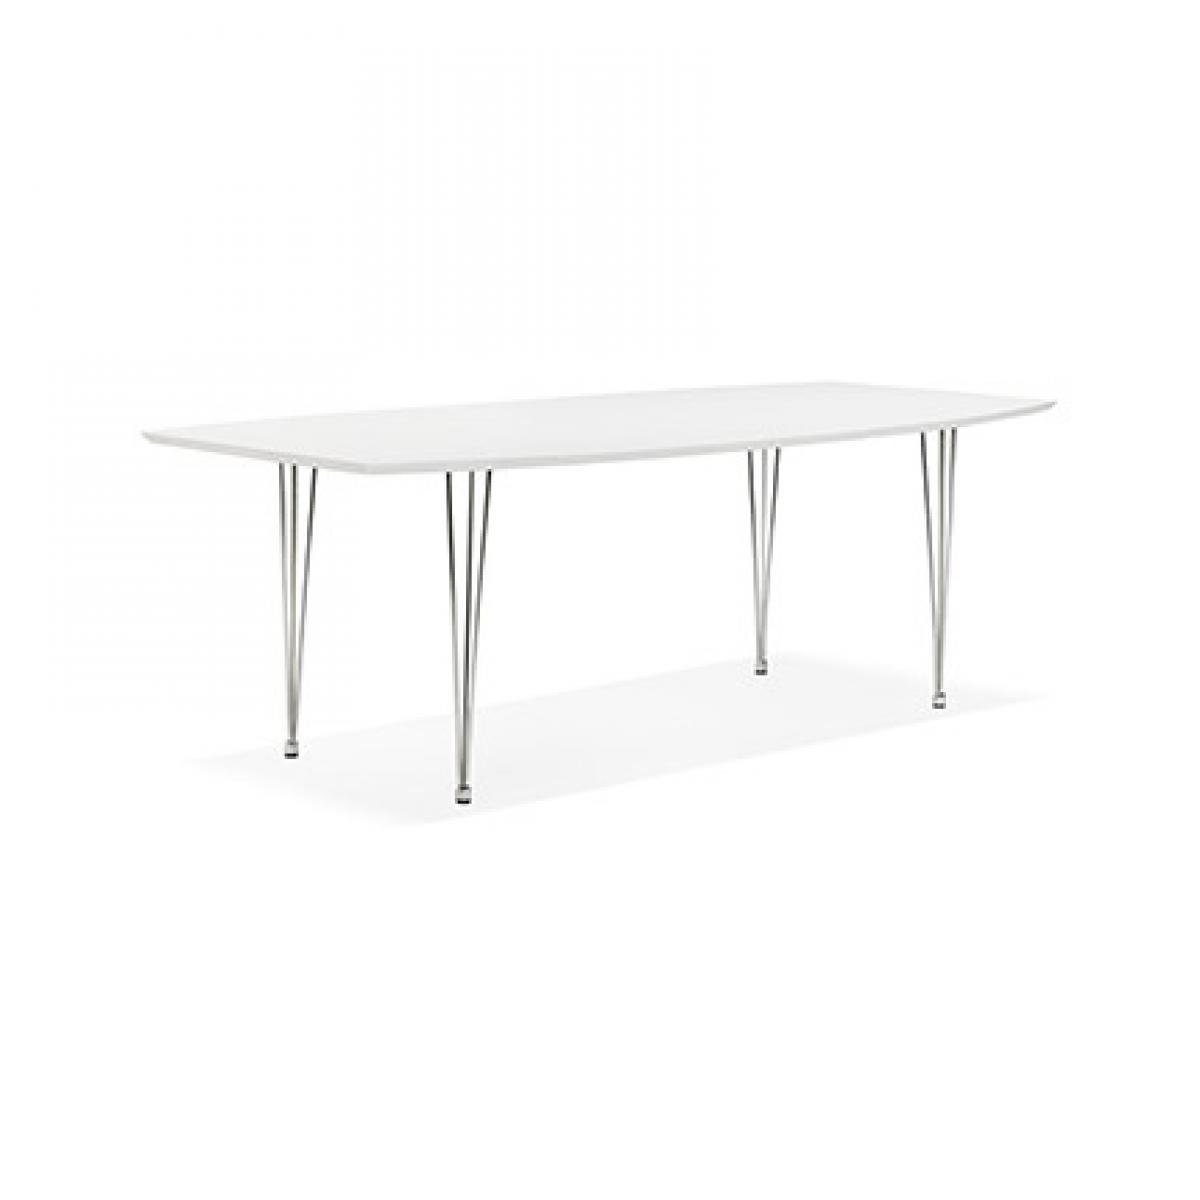 Paris Prix Table à manger design 270x100x73 cm en bois blanc et métal chromé